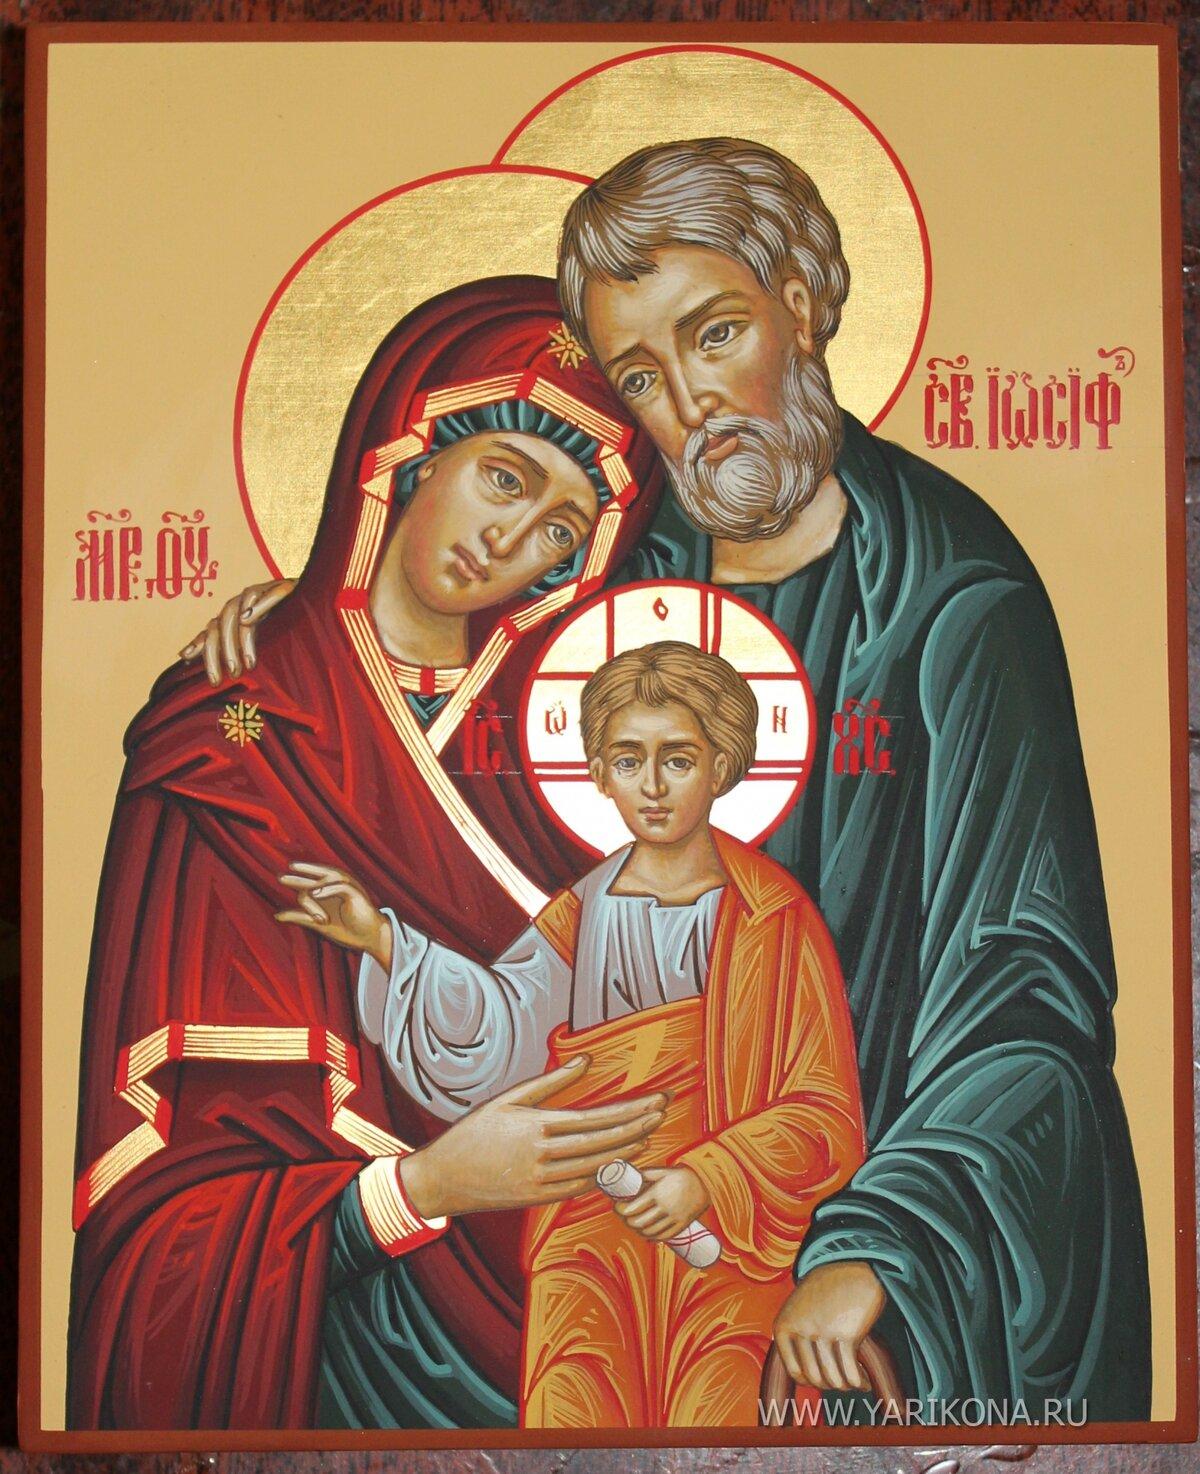 иконы для семьи картинки браке них